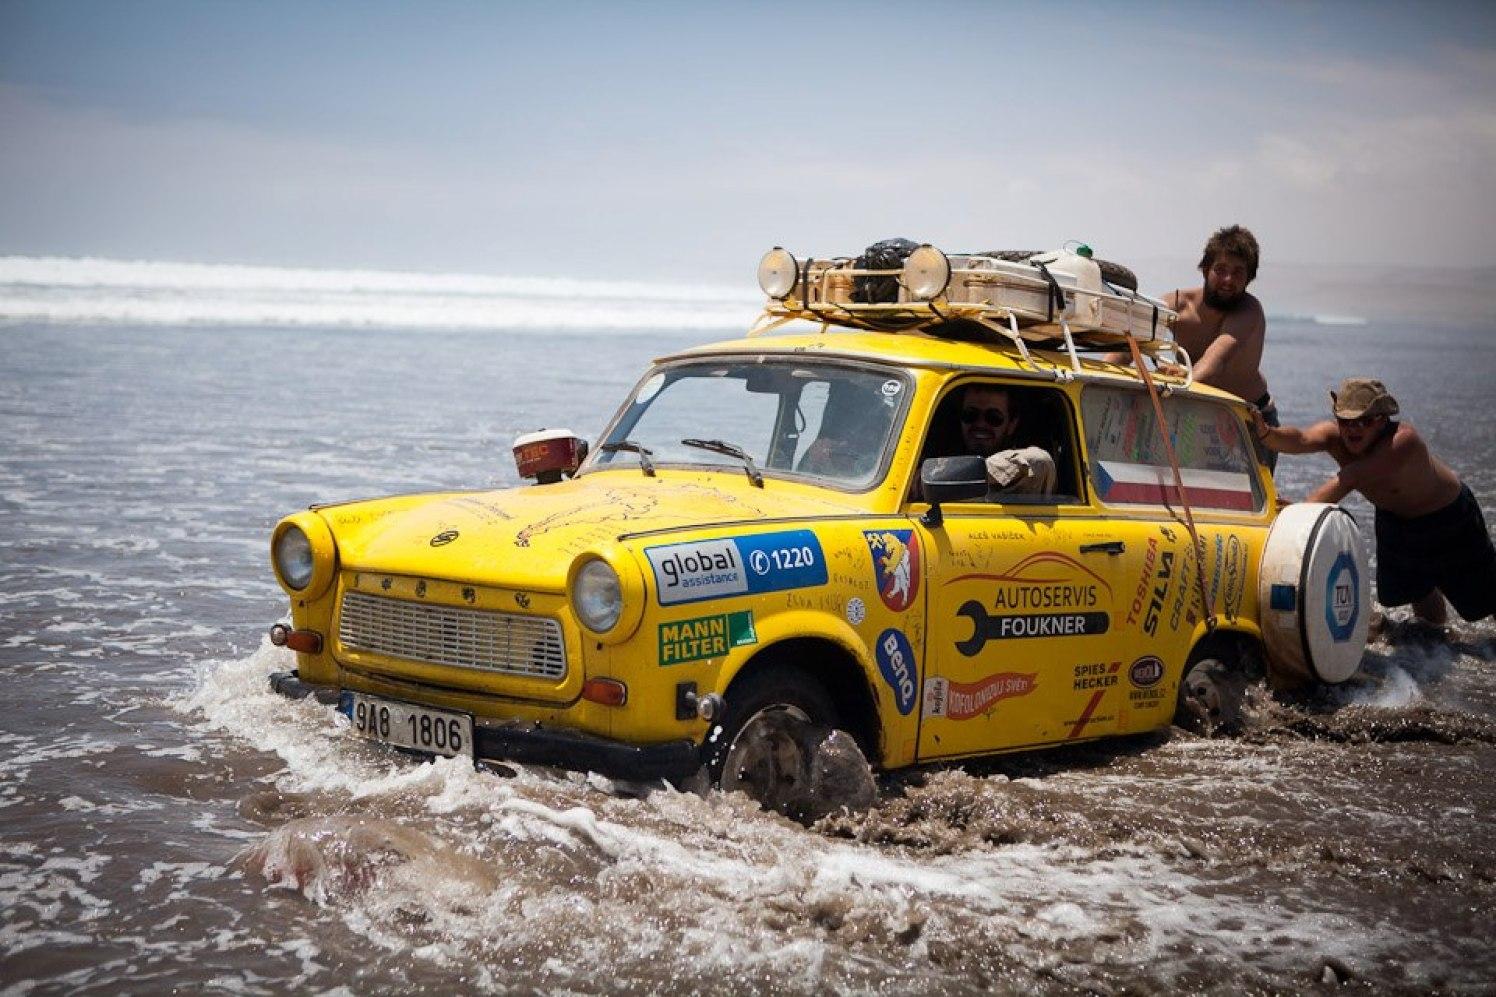 Transtrabant im Wasser